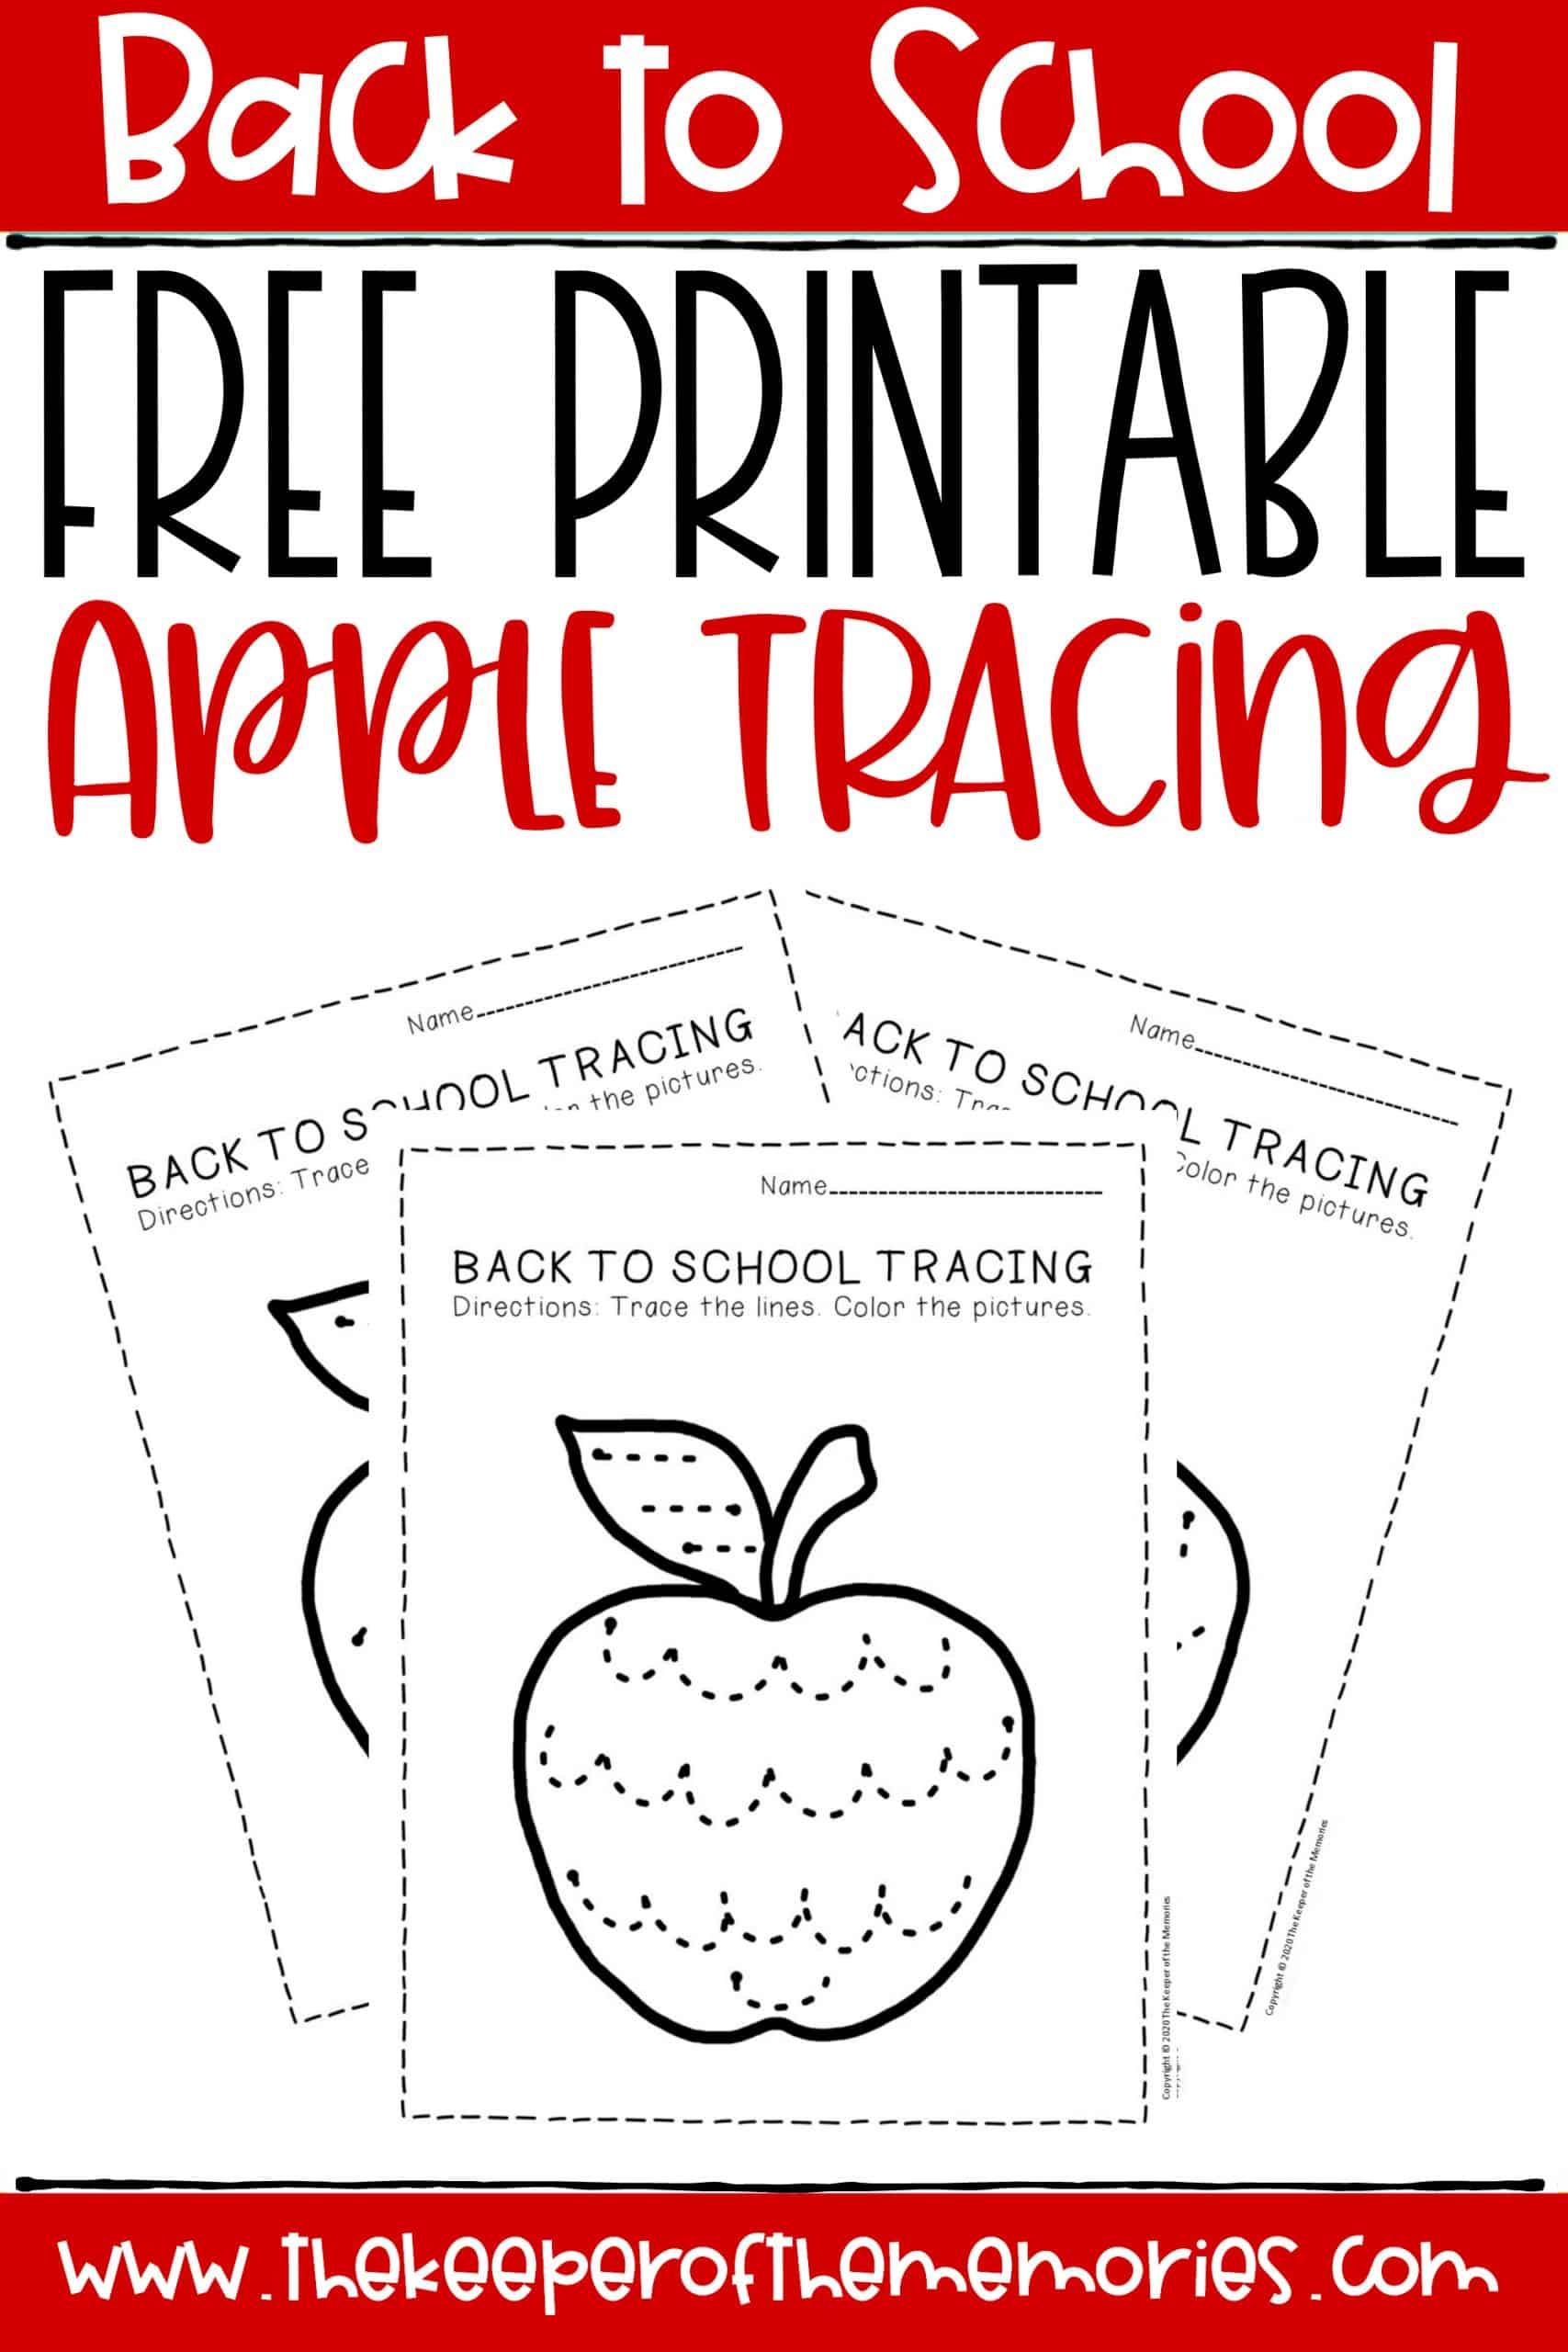 Free Printable Tracing Back to School Preschool Worksheets ...